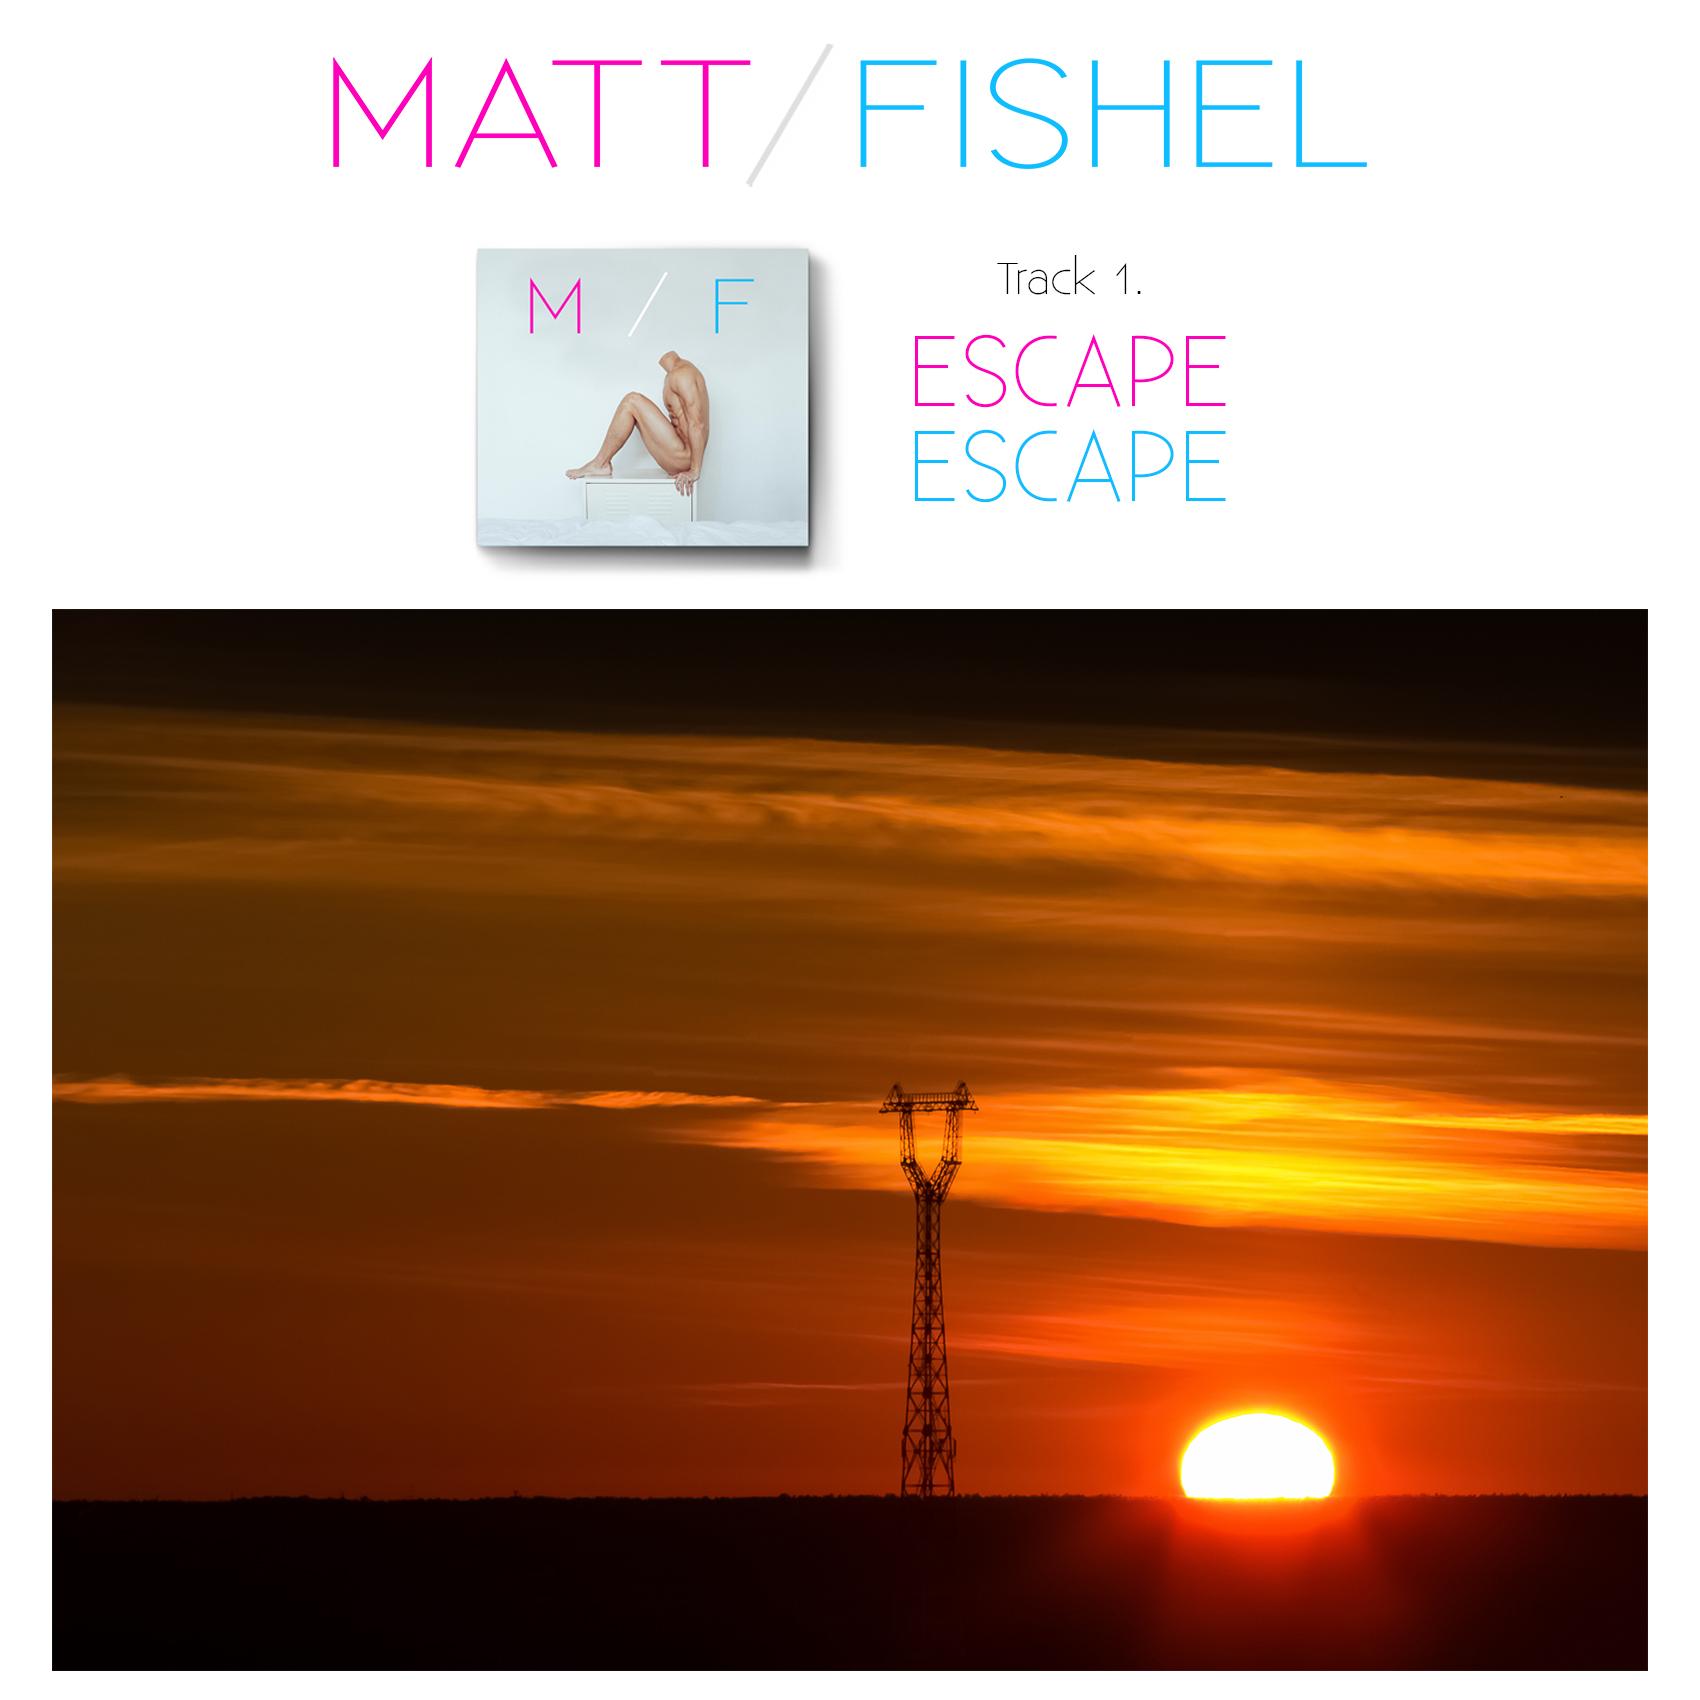 Matt Fishel_MF_Track 01_Escape 3.jpg